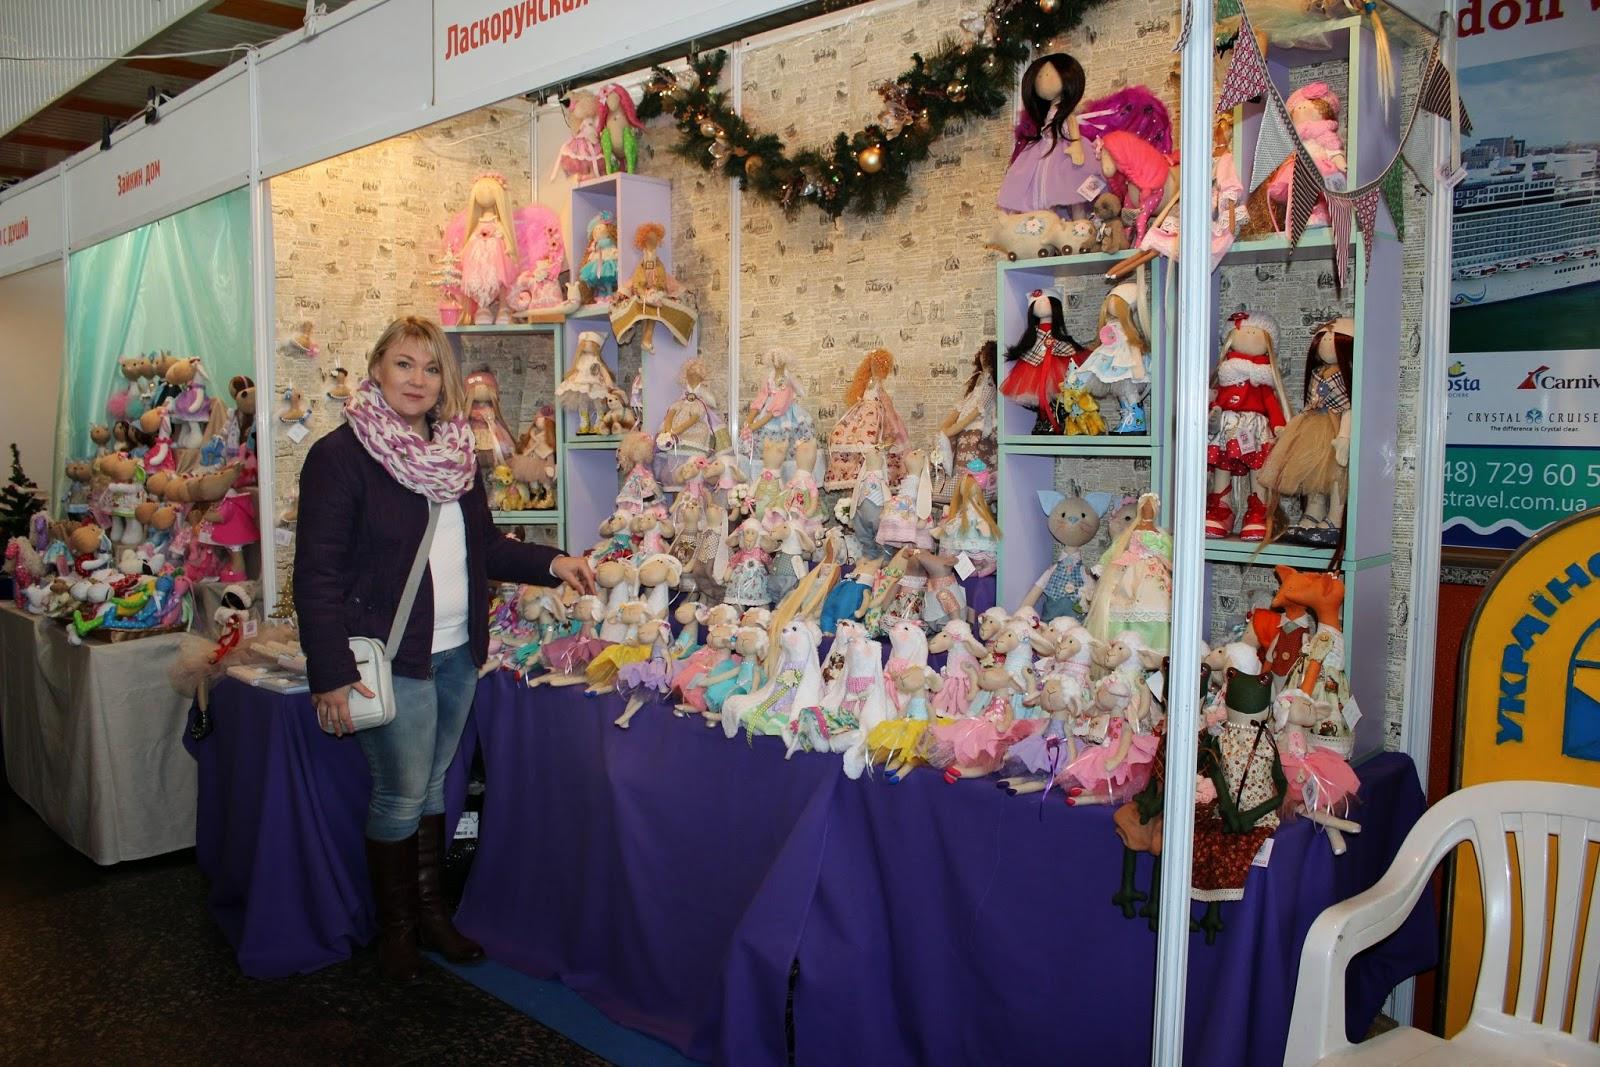 выставка, юлия ласкорунская, стильная кукла, морвокзал, выставка кукол, стильная кукла декабрь 2014